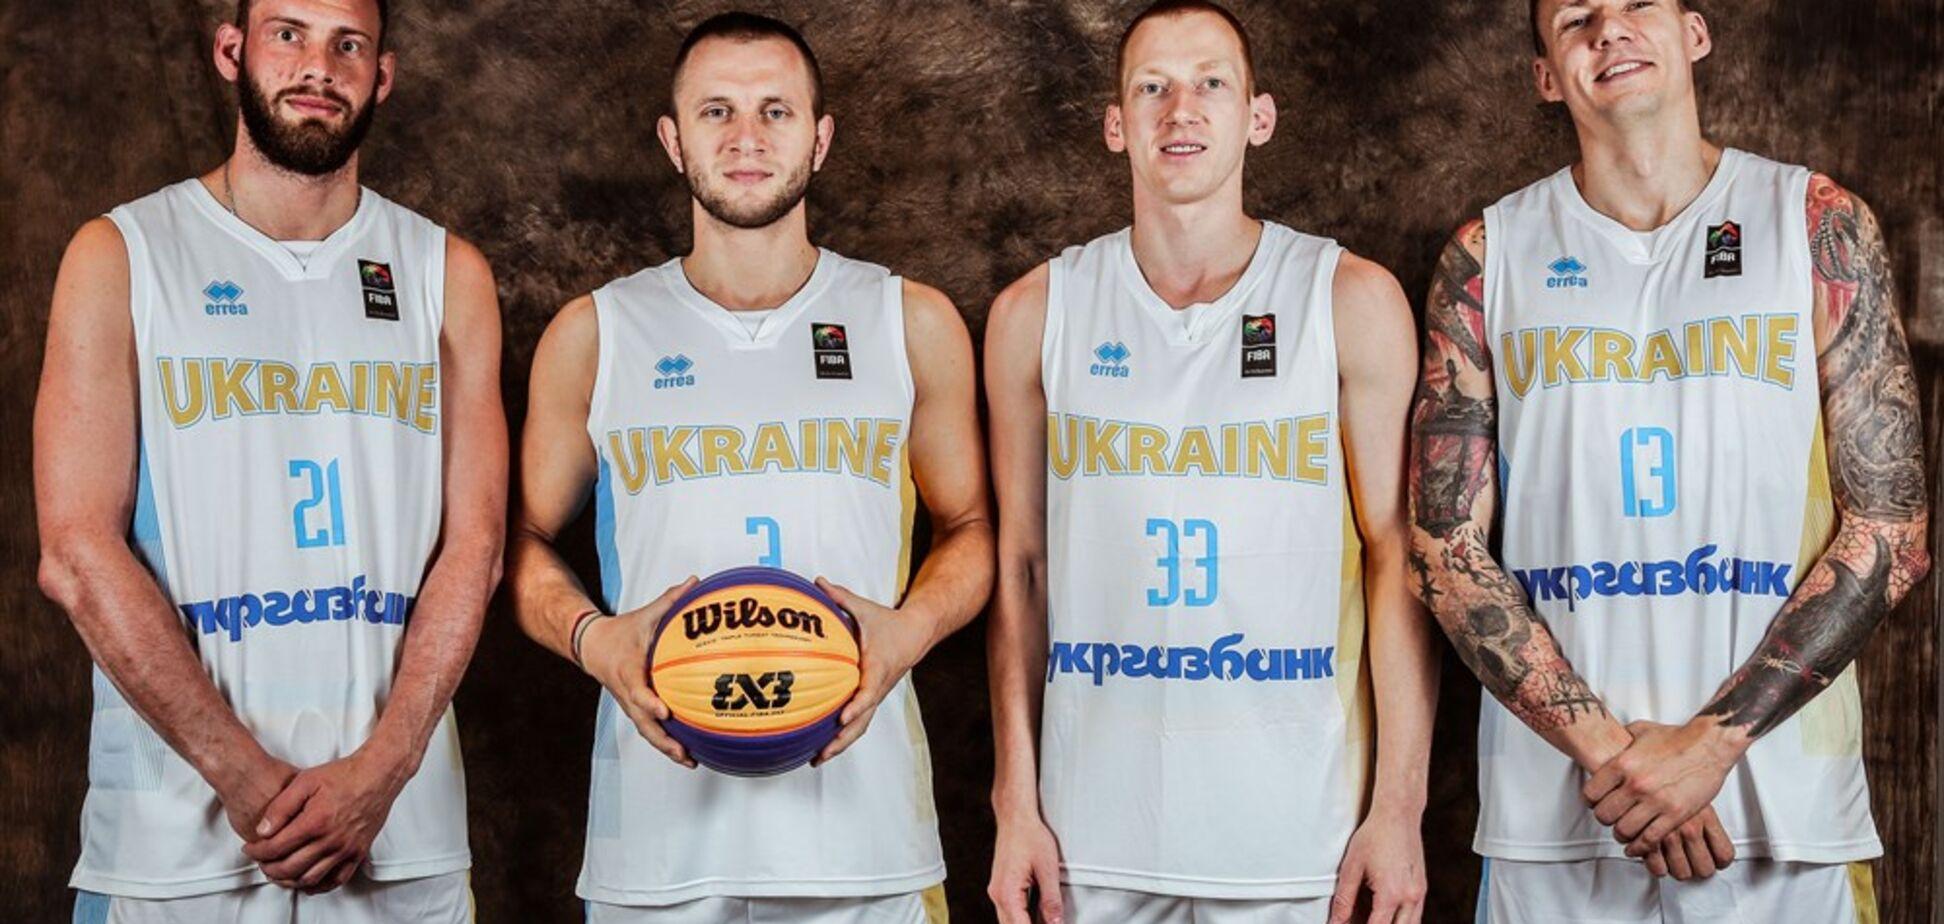 Кубок світу з баскетболу 3х3: анонс матчу України у 1/4 фіналу